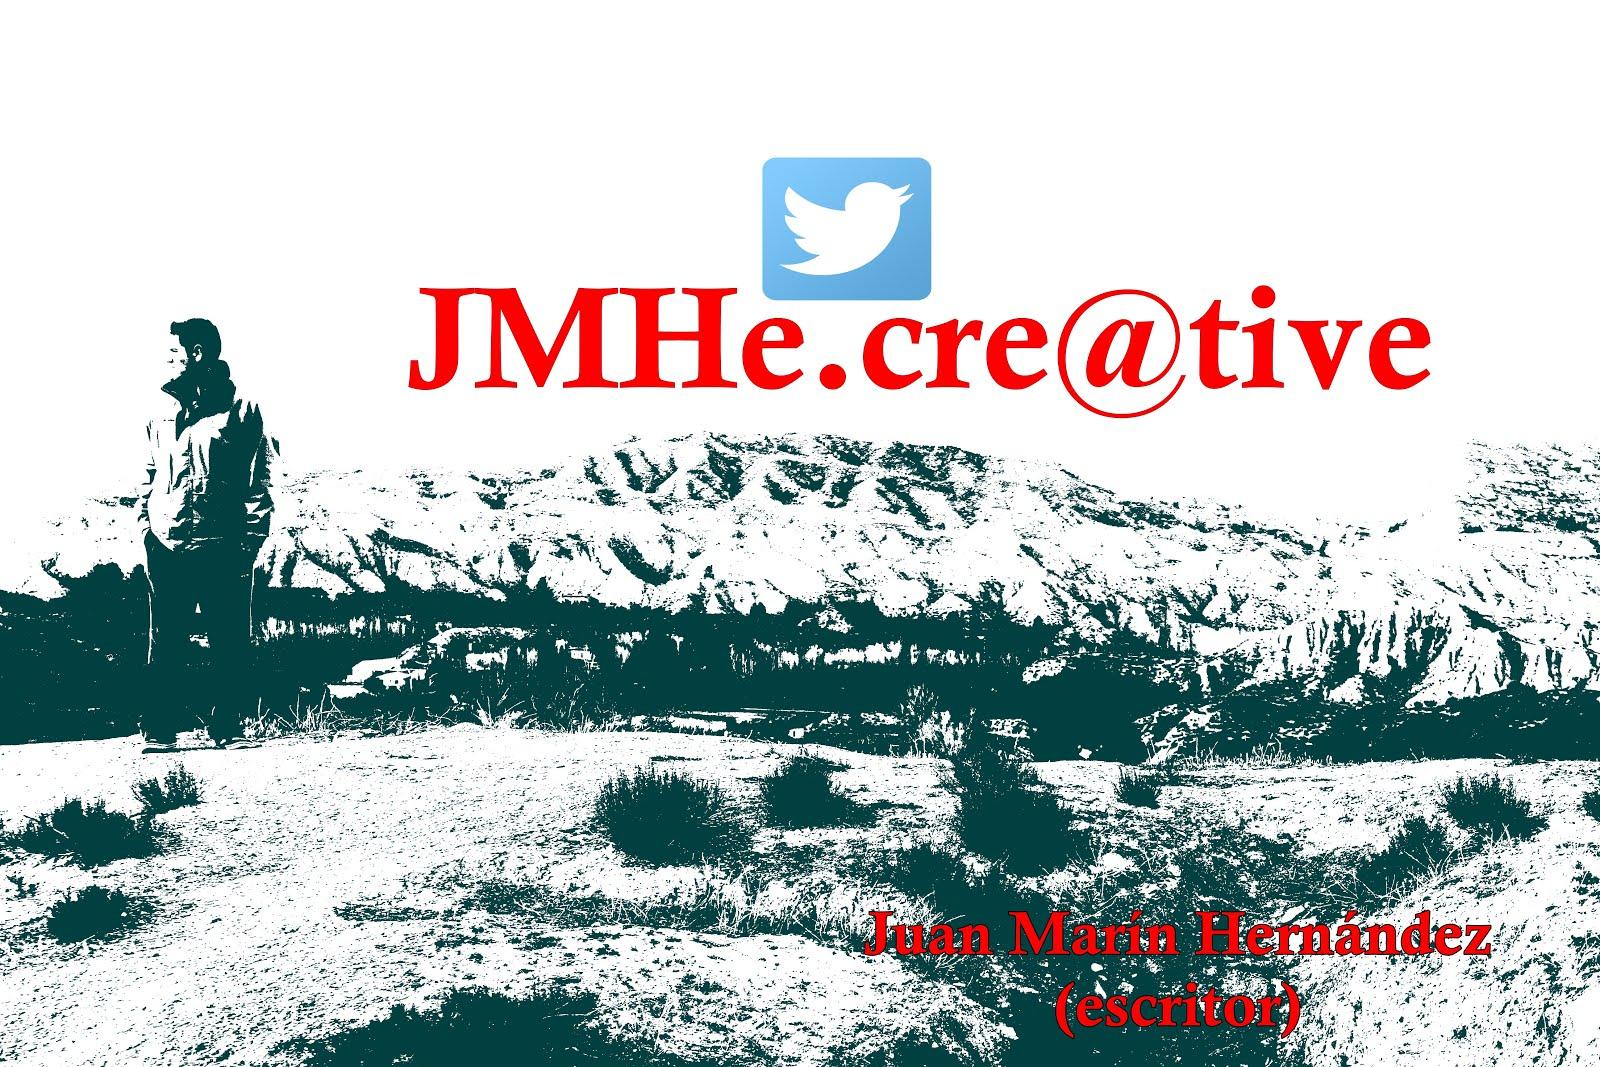 JMHe.Crative Twitter